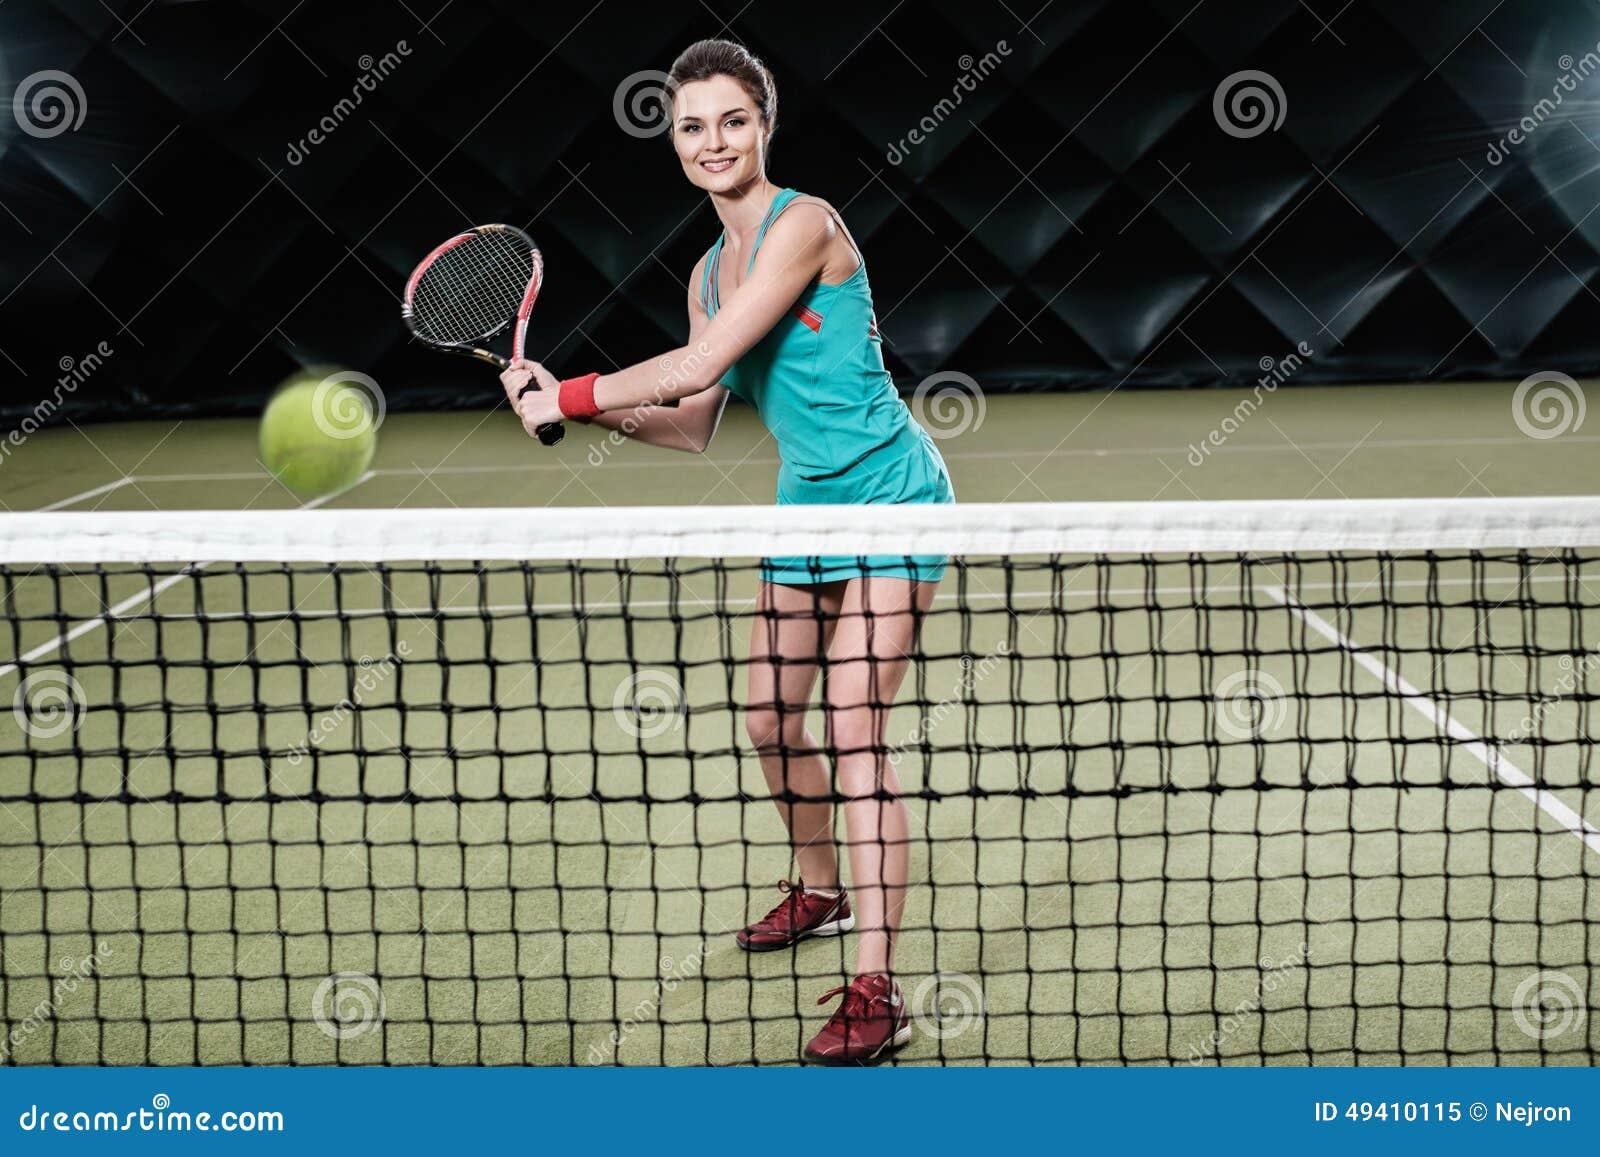 Download Frau, die Tennis spielt stockbild. Bild von übung, meisterschaft - 49410115